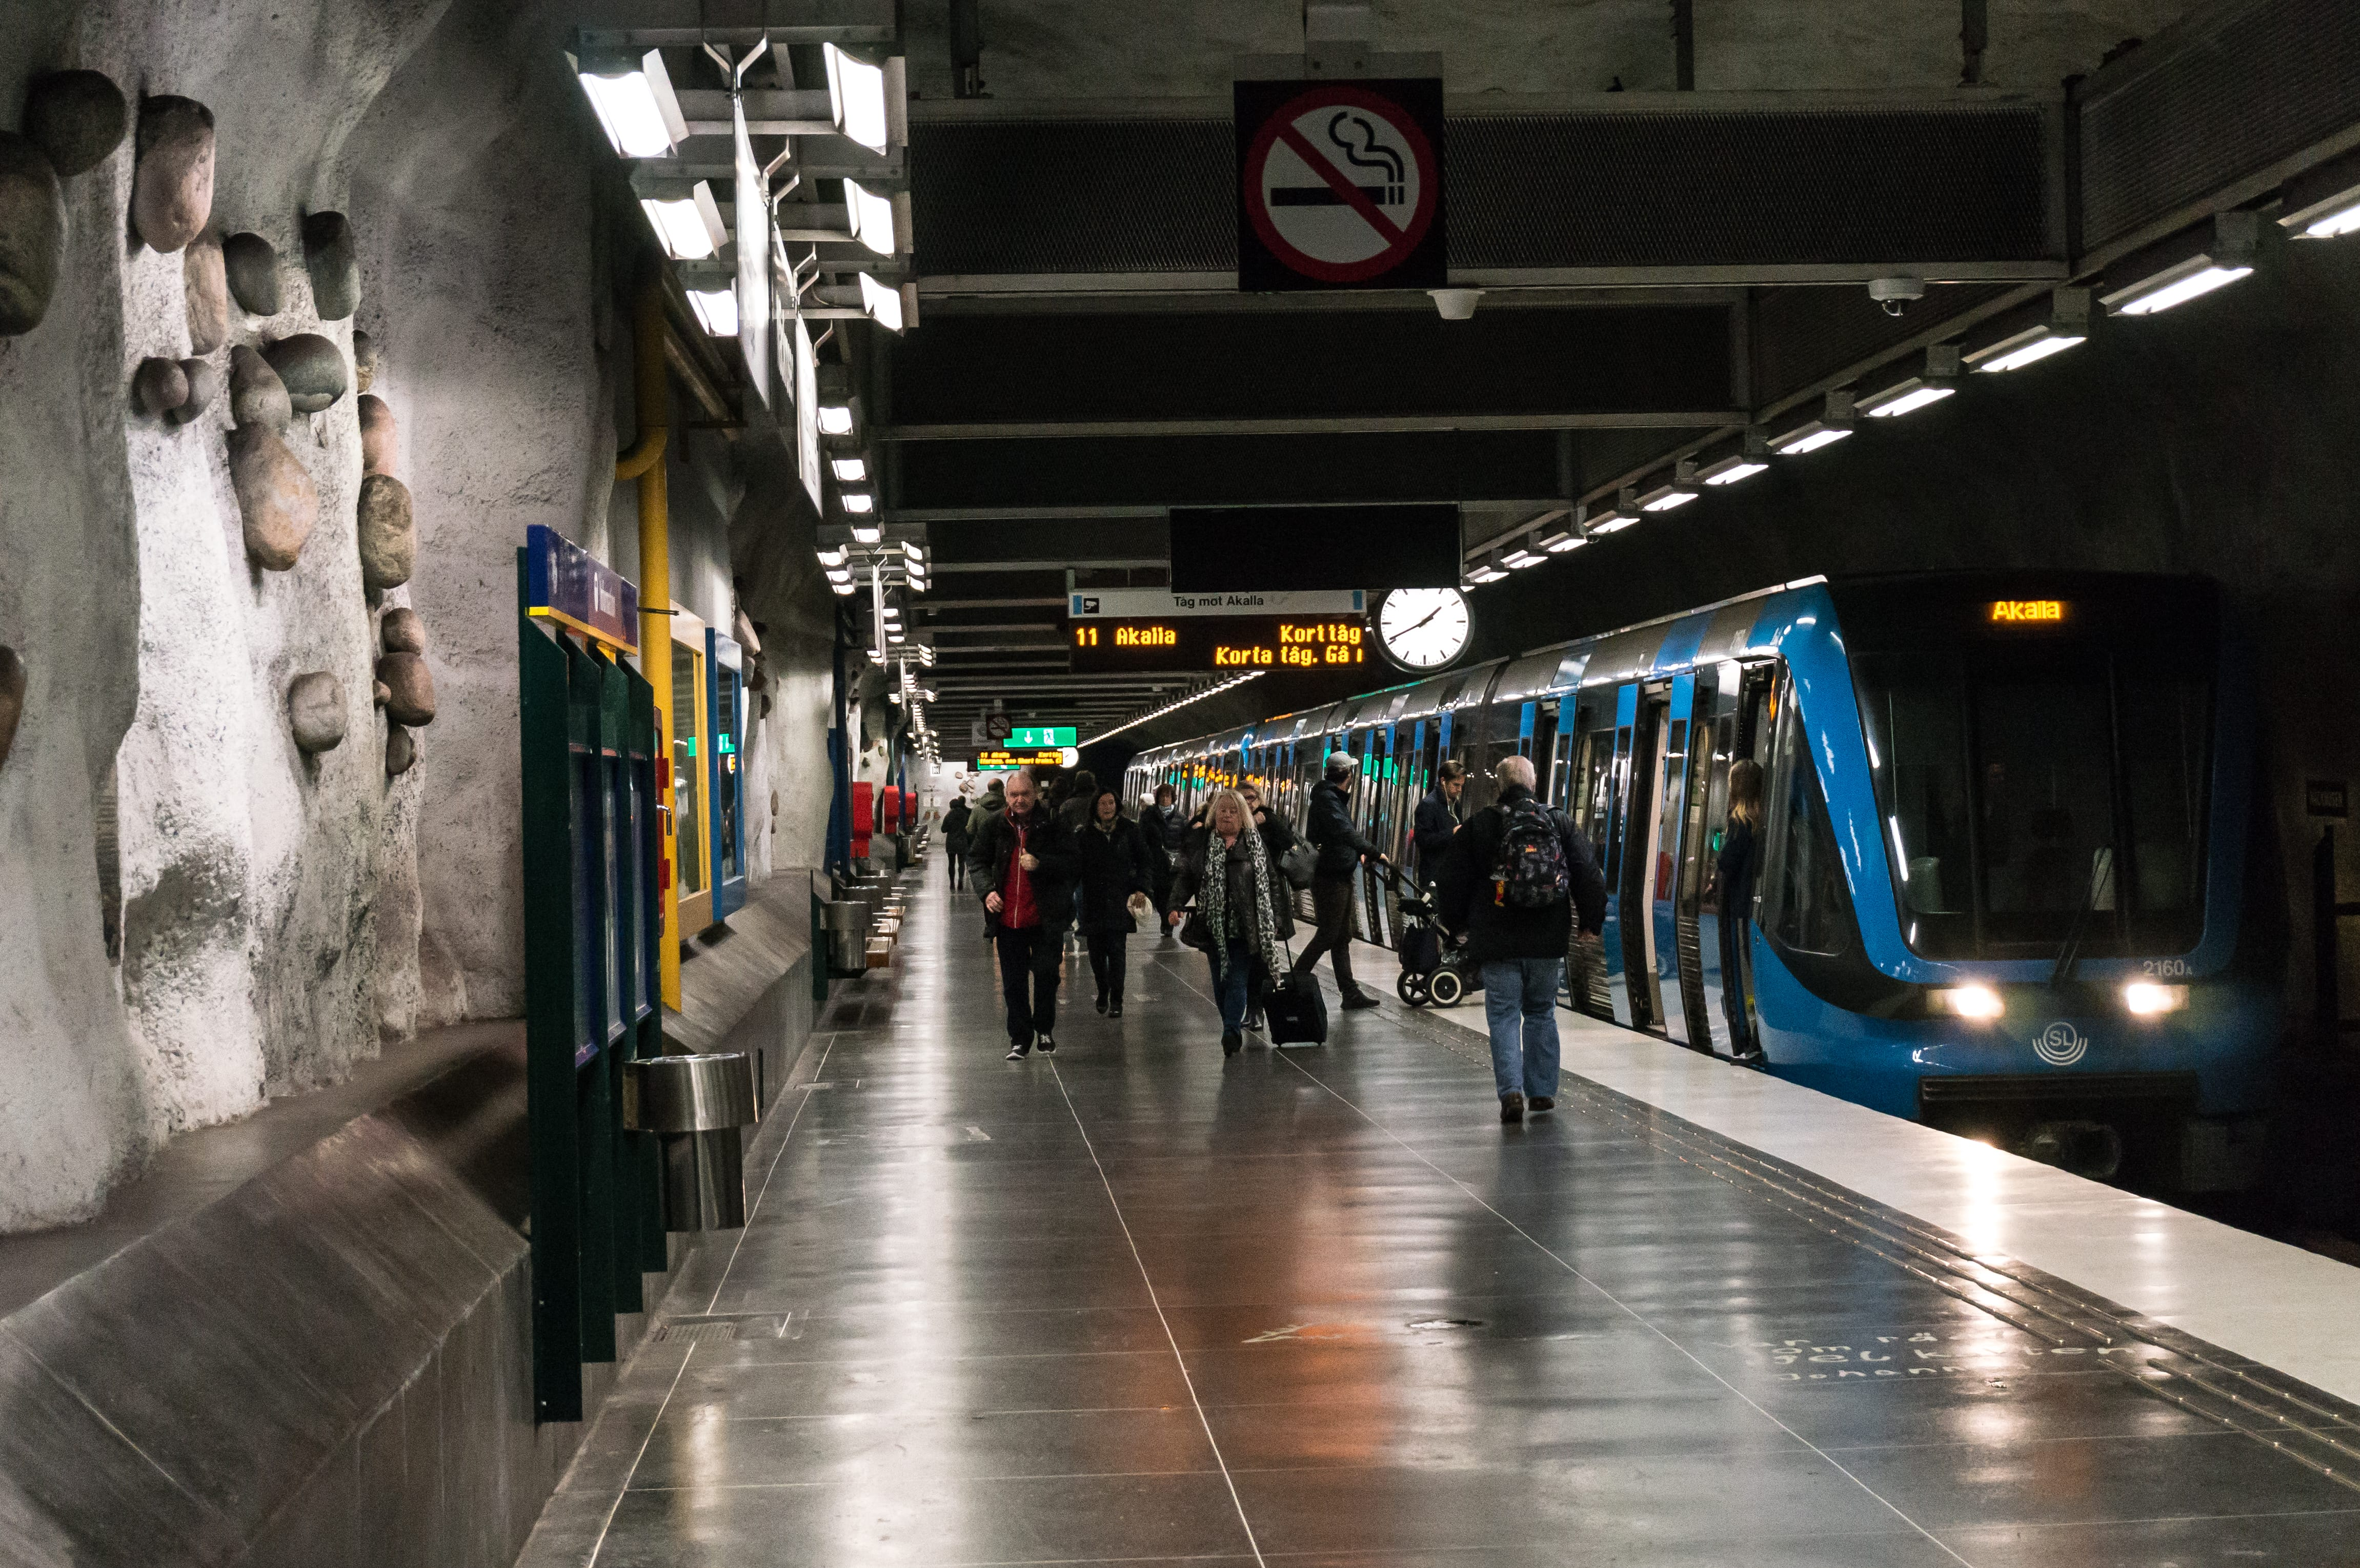 Транспорт в Стокгольме. Как купить билет и доехать до центра города